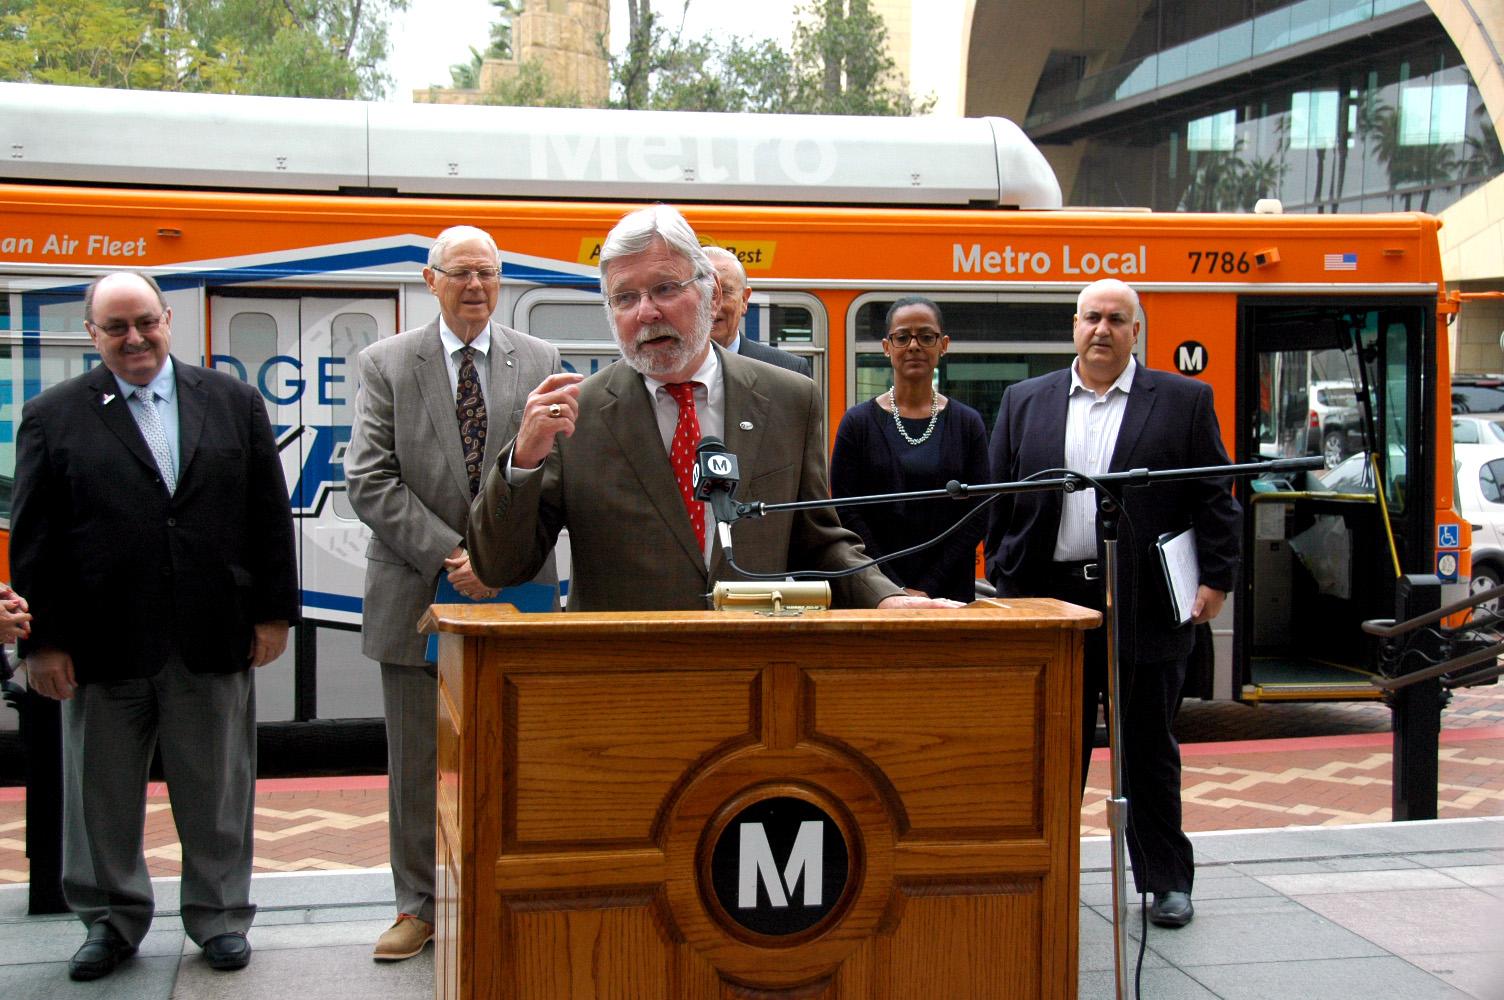 El director general ejectivo de Metro, Art Leahy, durante la conferencia en que se anunció el servicio de autobús